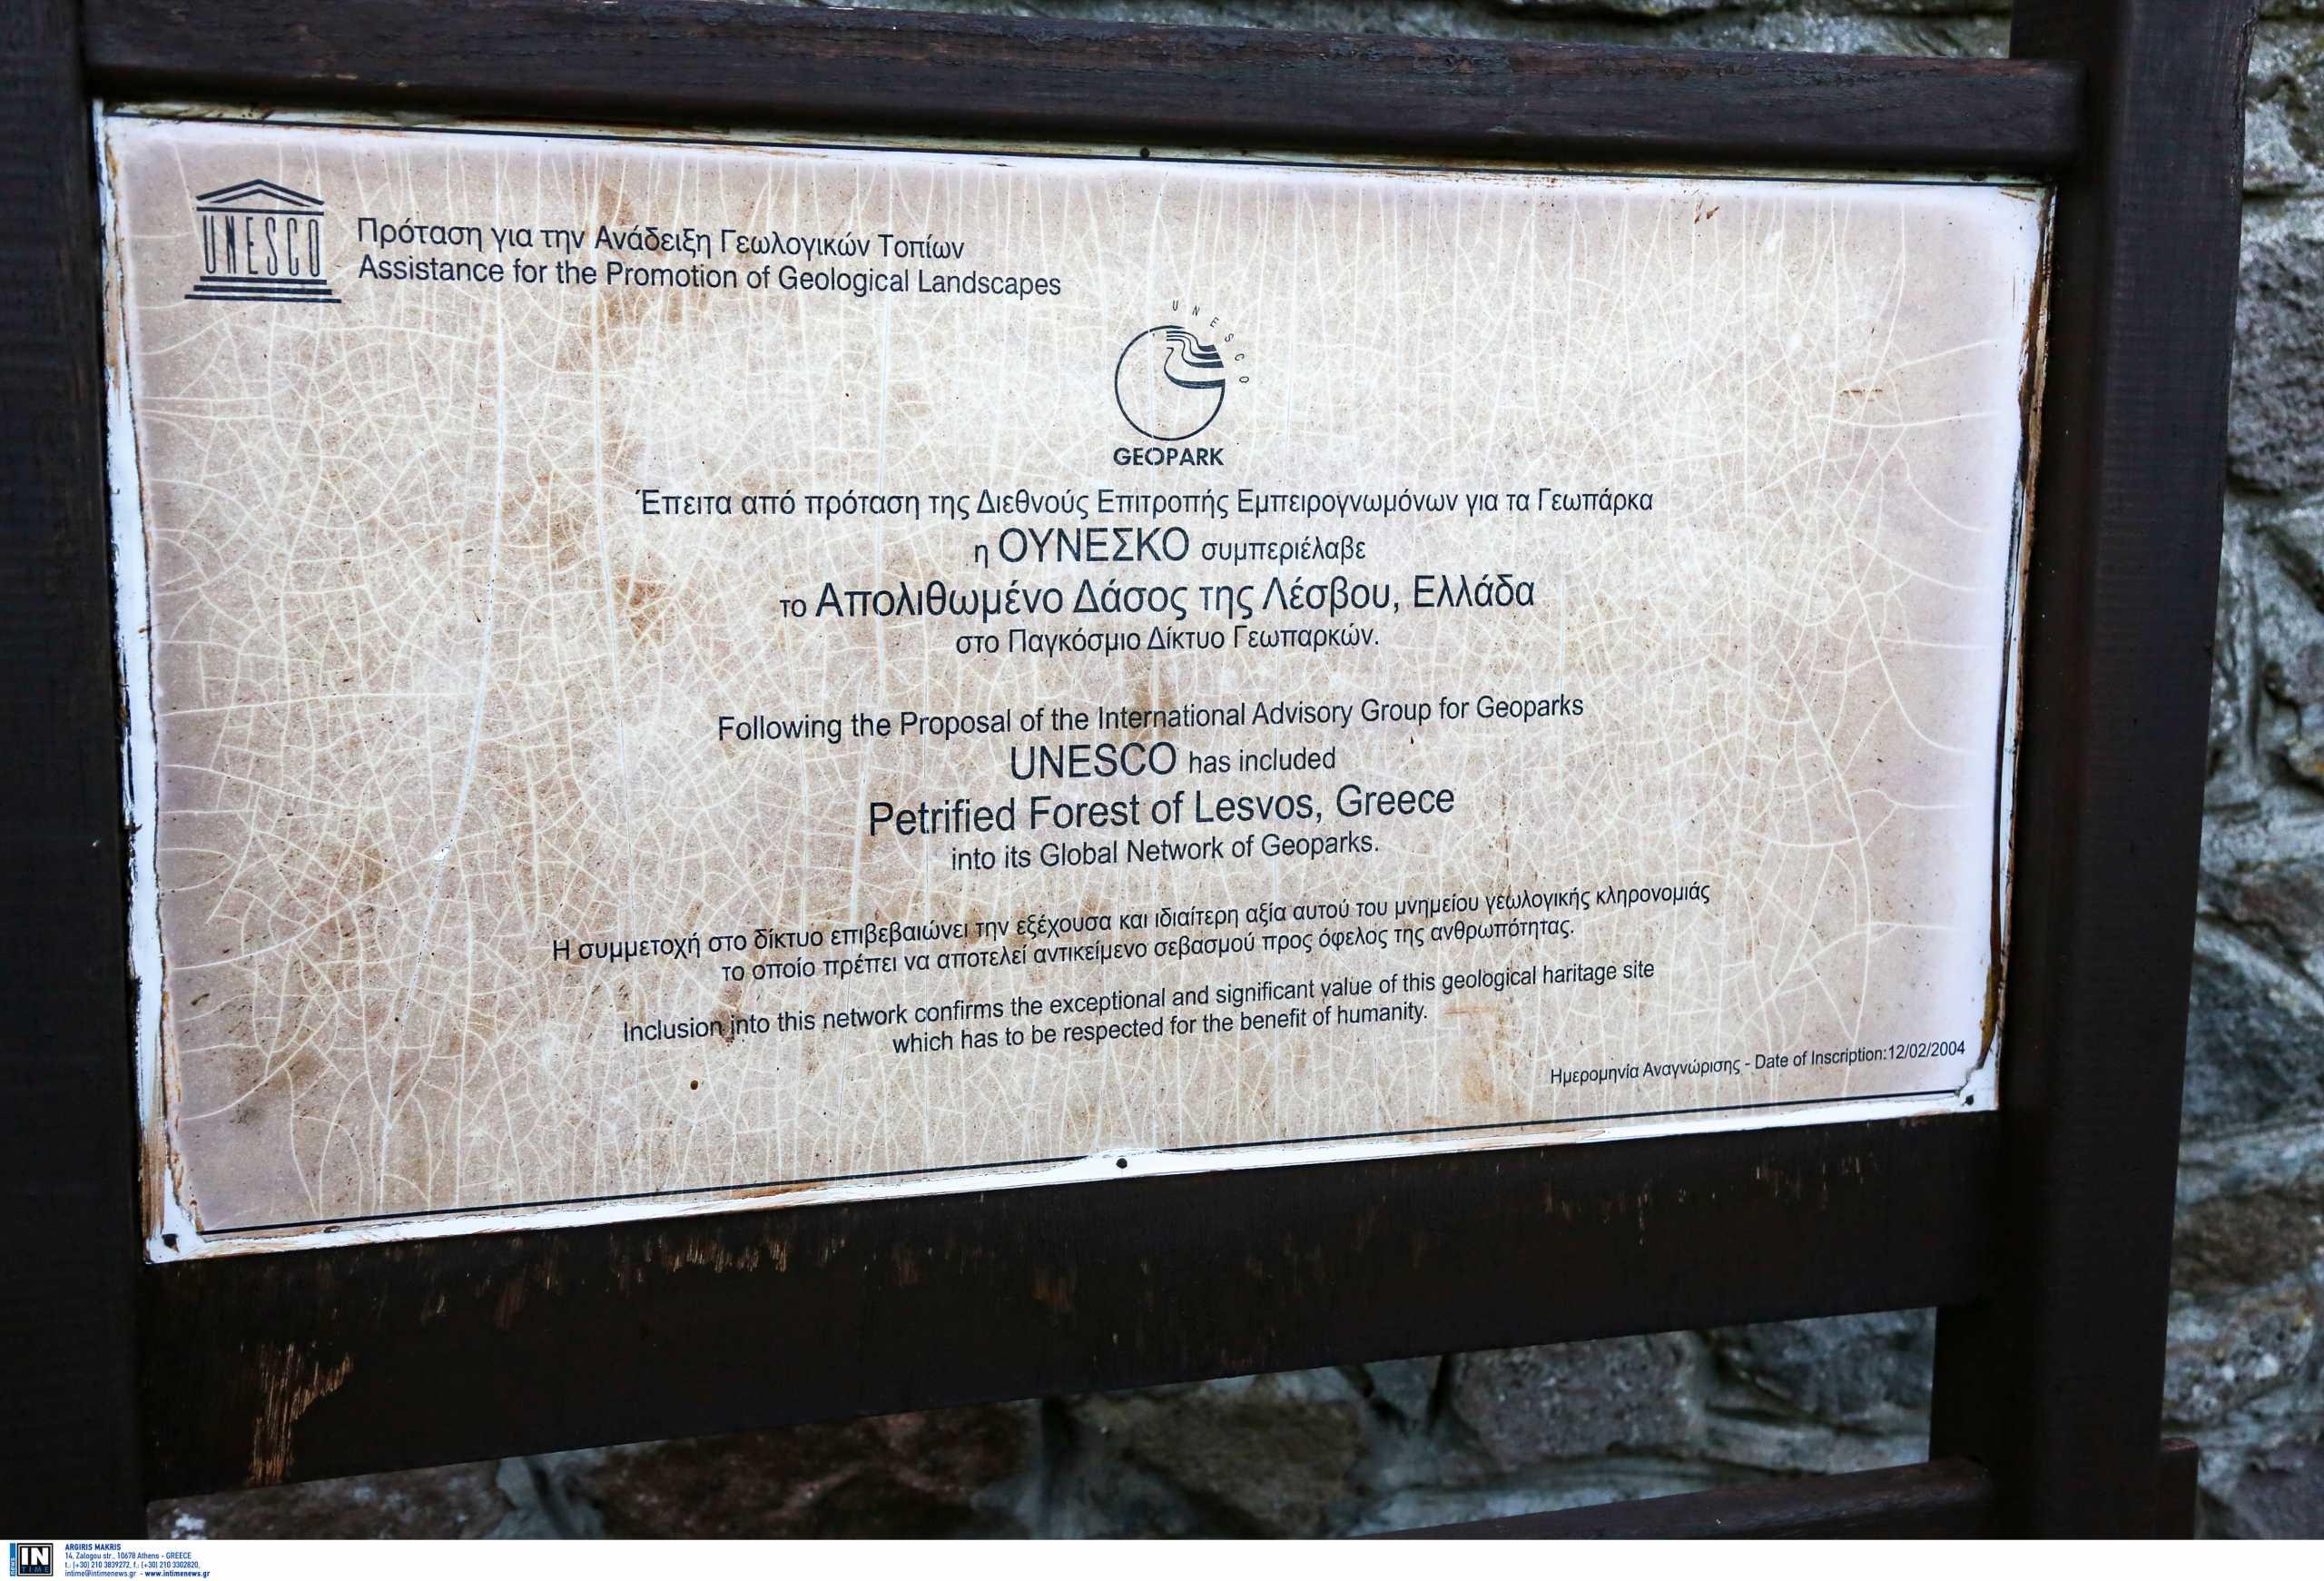 Ομοίωμα αλιγάτορα που έζησε στη Λέσβο πριν 18,5 εκατομμύρια χρόνια έρχεται στο Μουσείο Φυσικής Ιστορίας Απολιθωμένου Δάσους